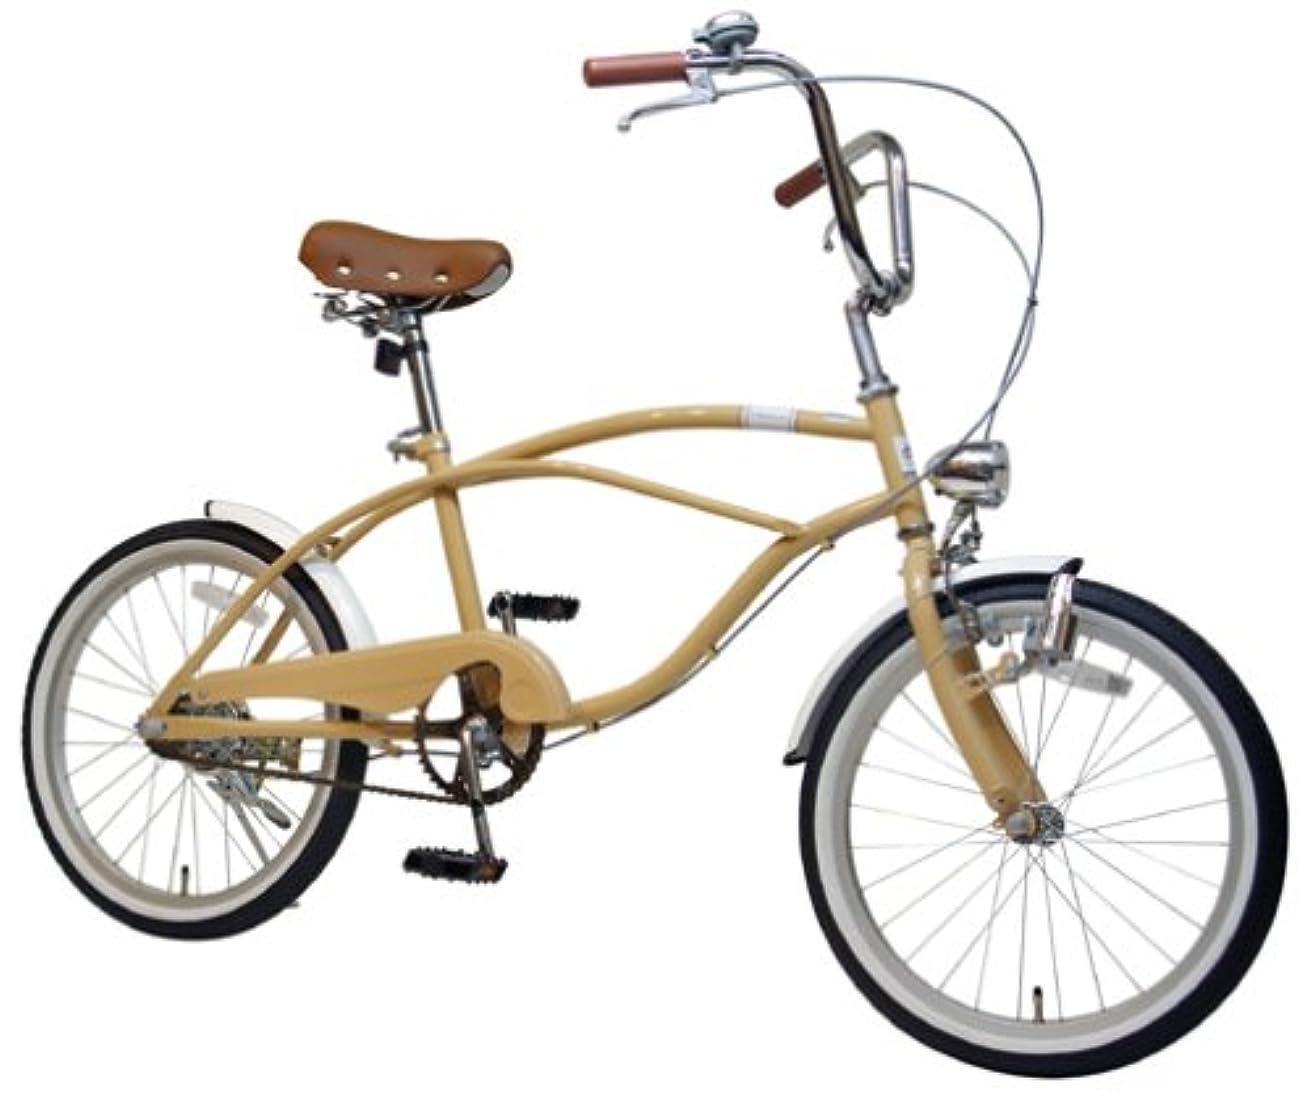 スイペネロペびっくりするFatso Bikes Fat Bike ビーチクルーザー自転車 Fatbike ファットバイク White x Green 26インチ